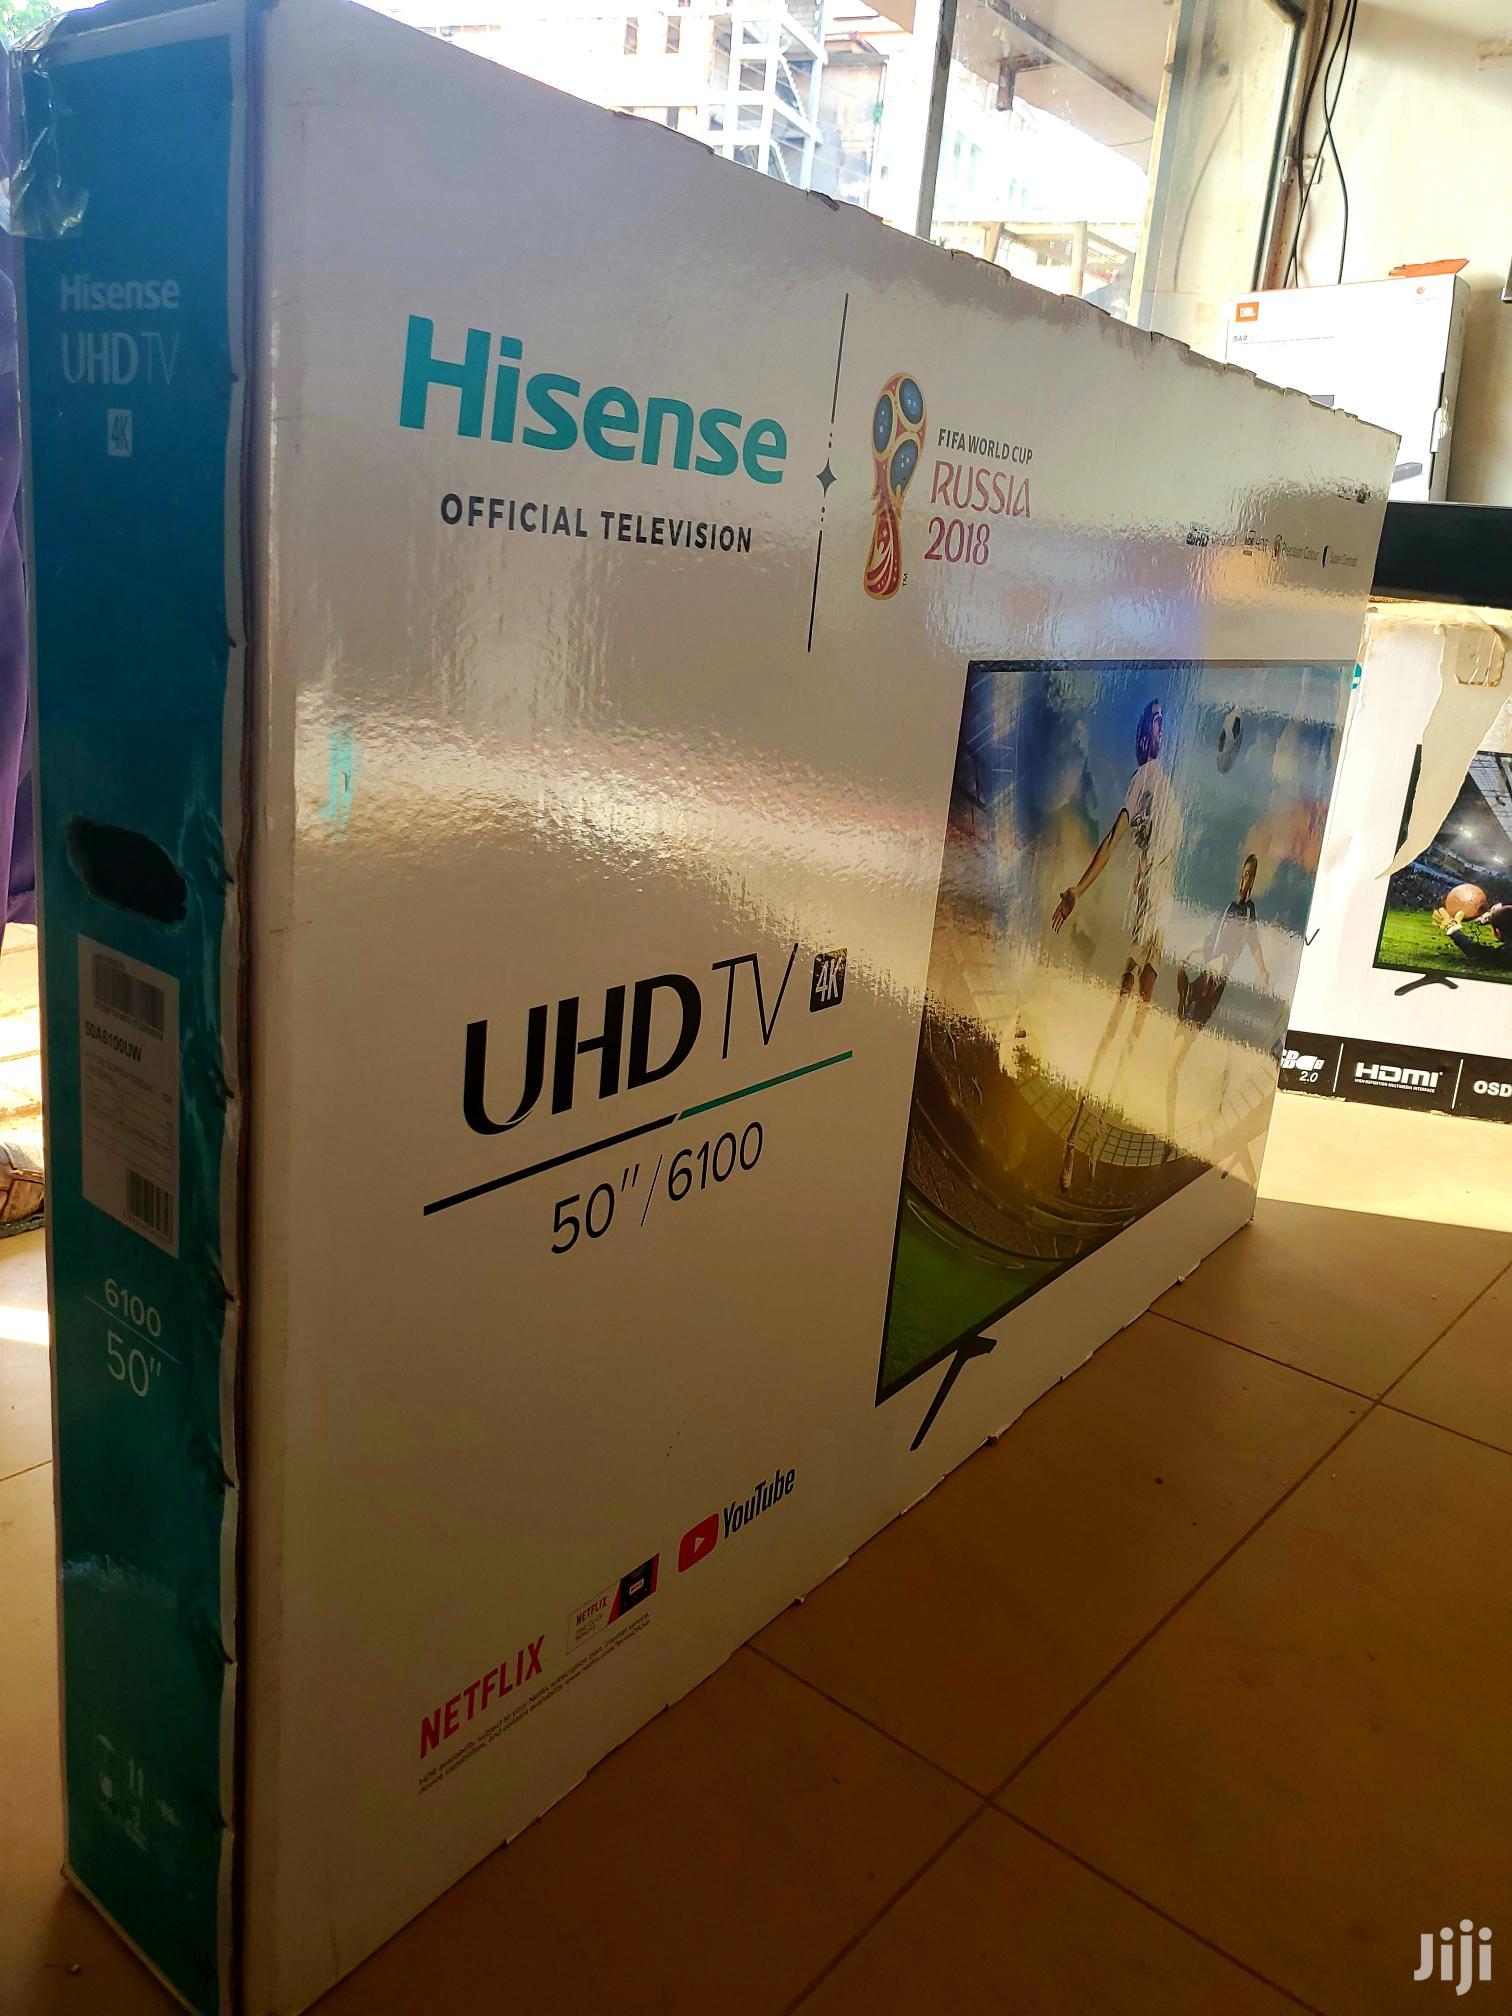 Brand New Hisense Smart Uhd 4k Tv 50 Inches